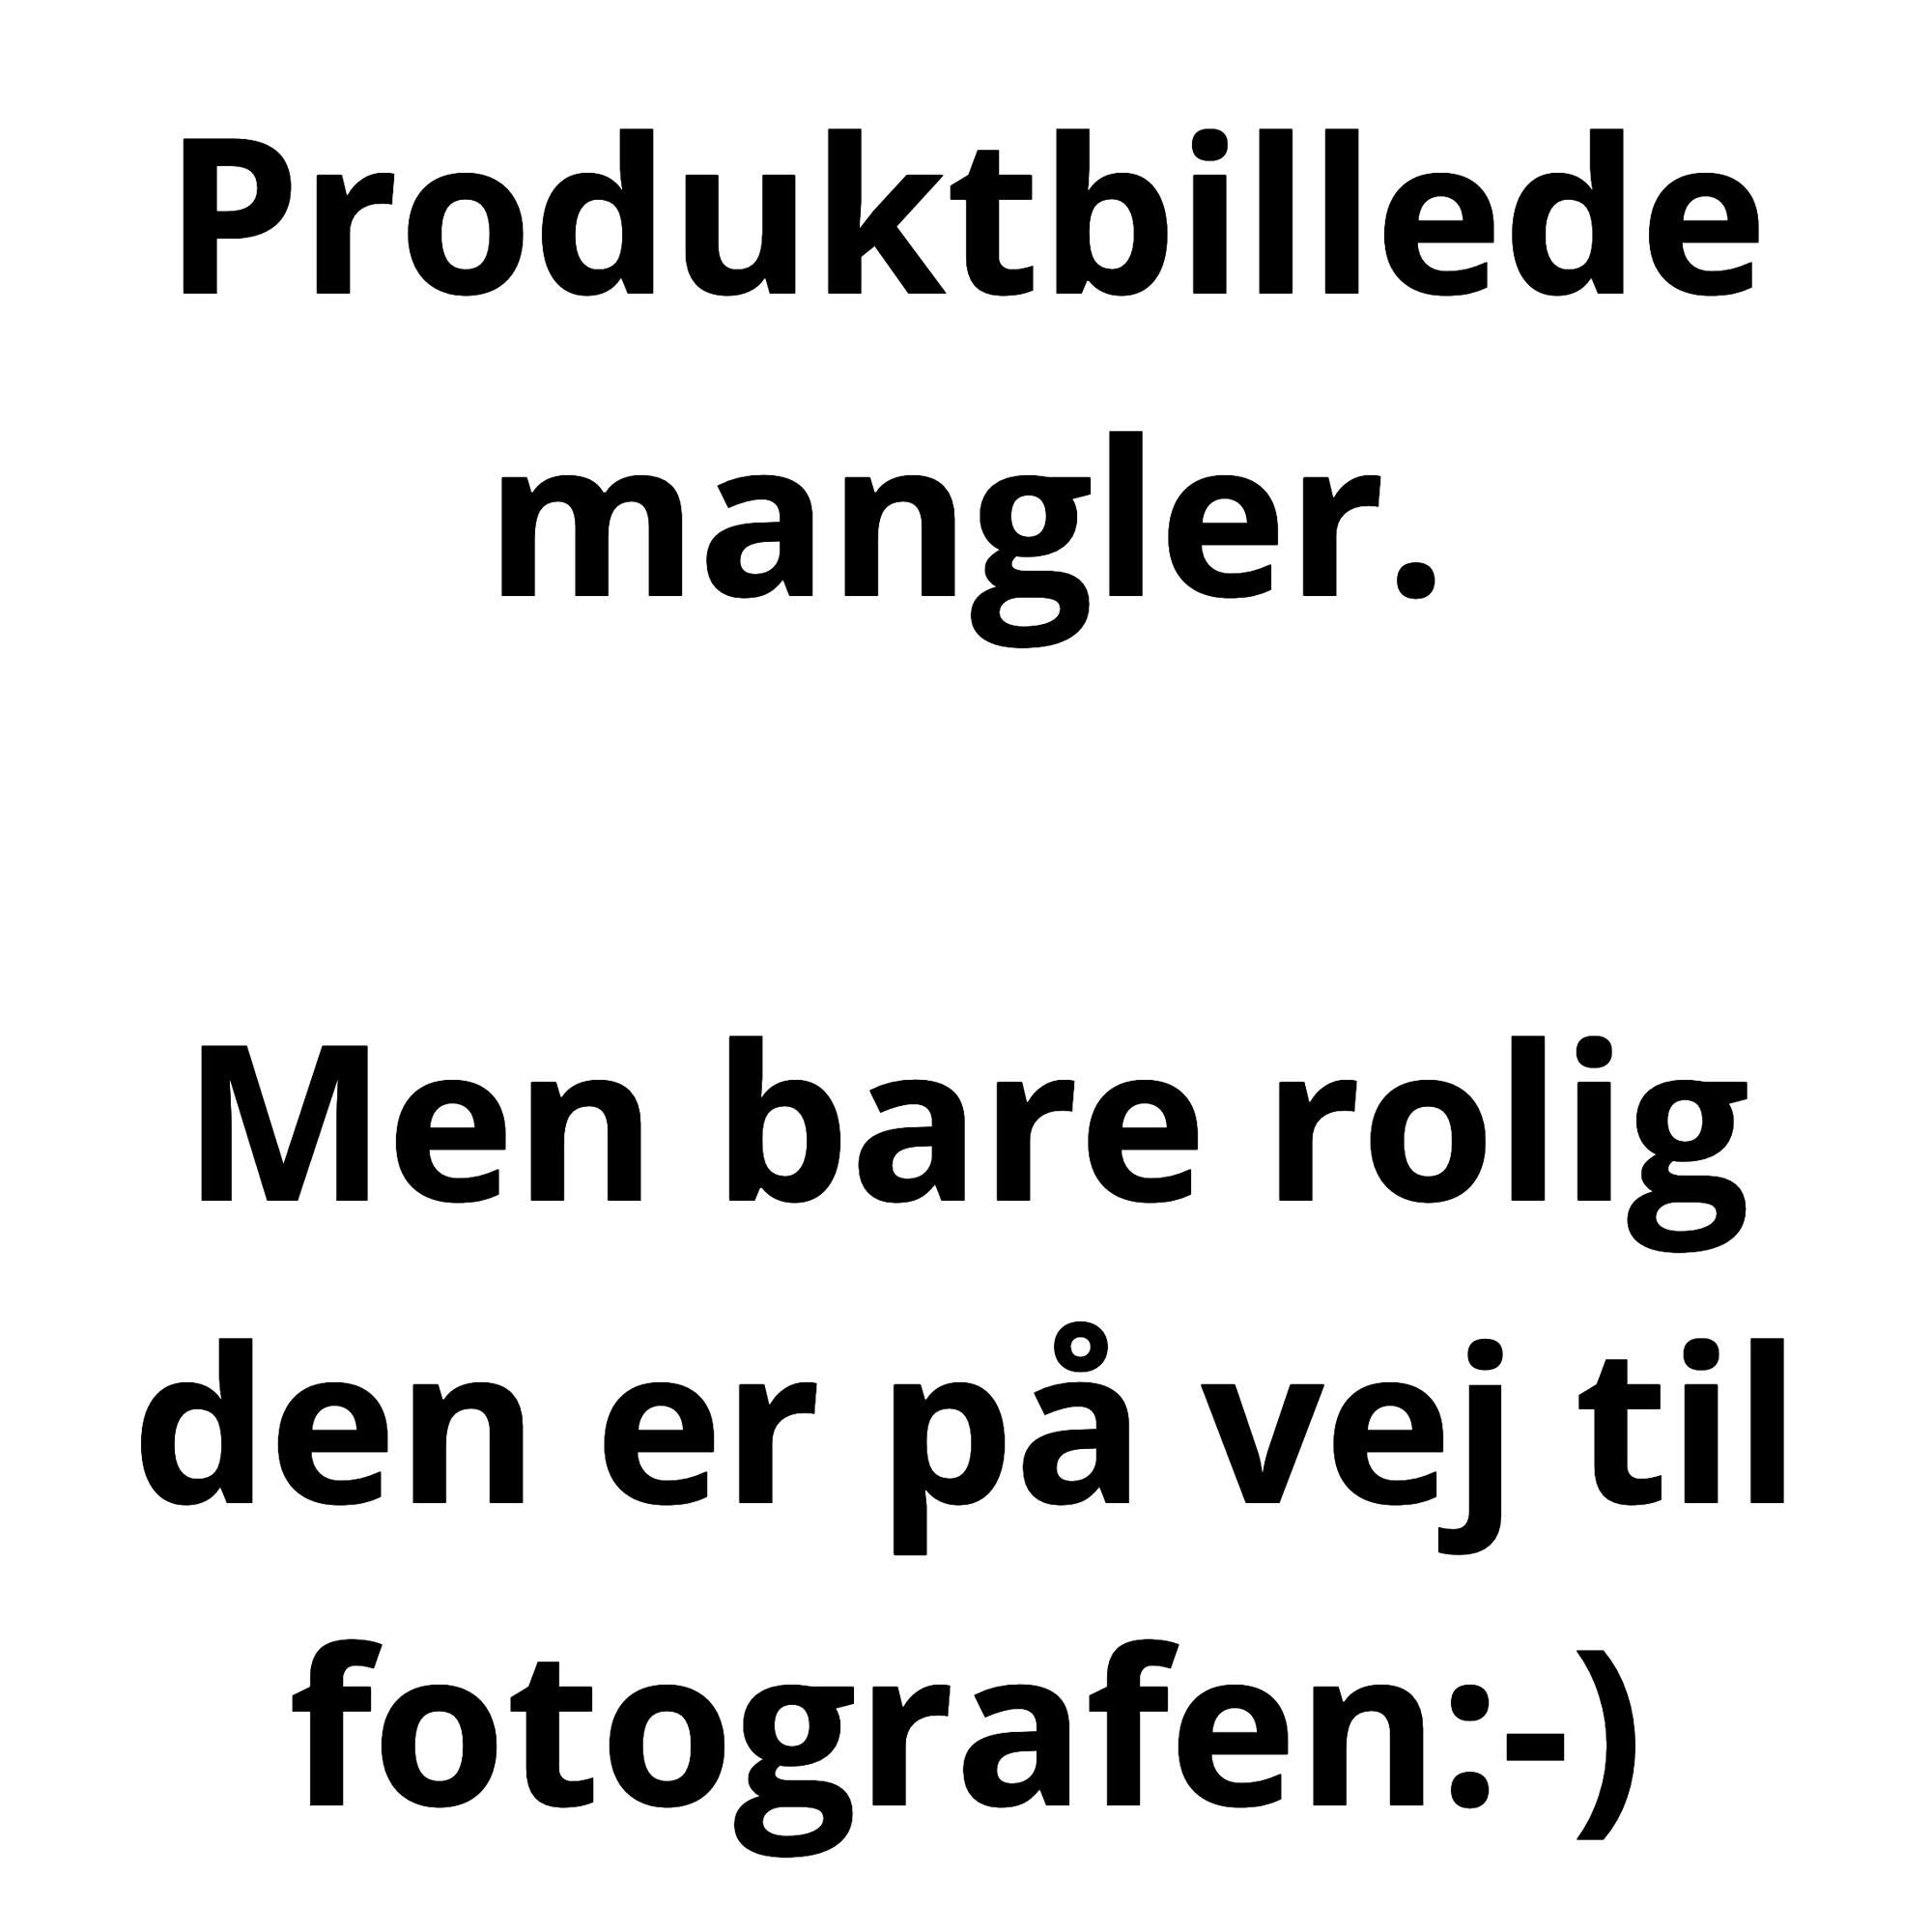 Brodit Passiv mobilholder m. kabeltilslutning 30 pins adapter til USB til Apple iPhone 5/5S/5C B:59-63 D:6-10 - 514438